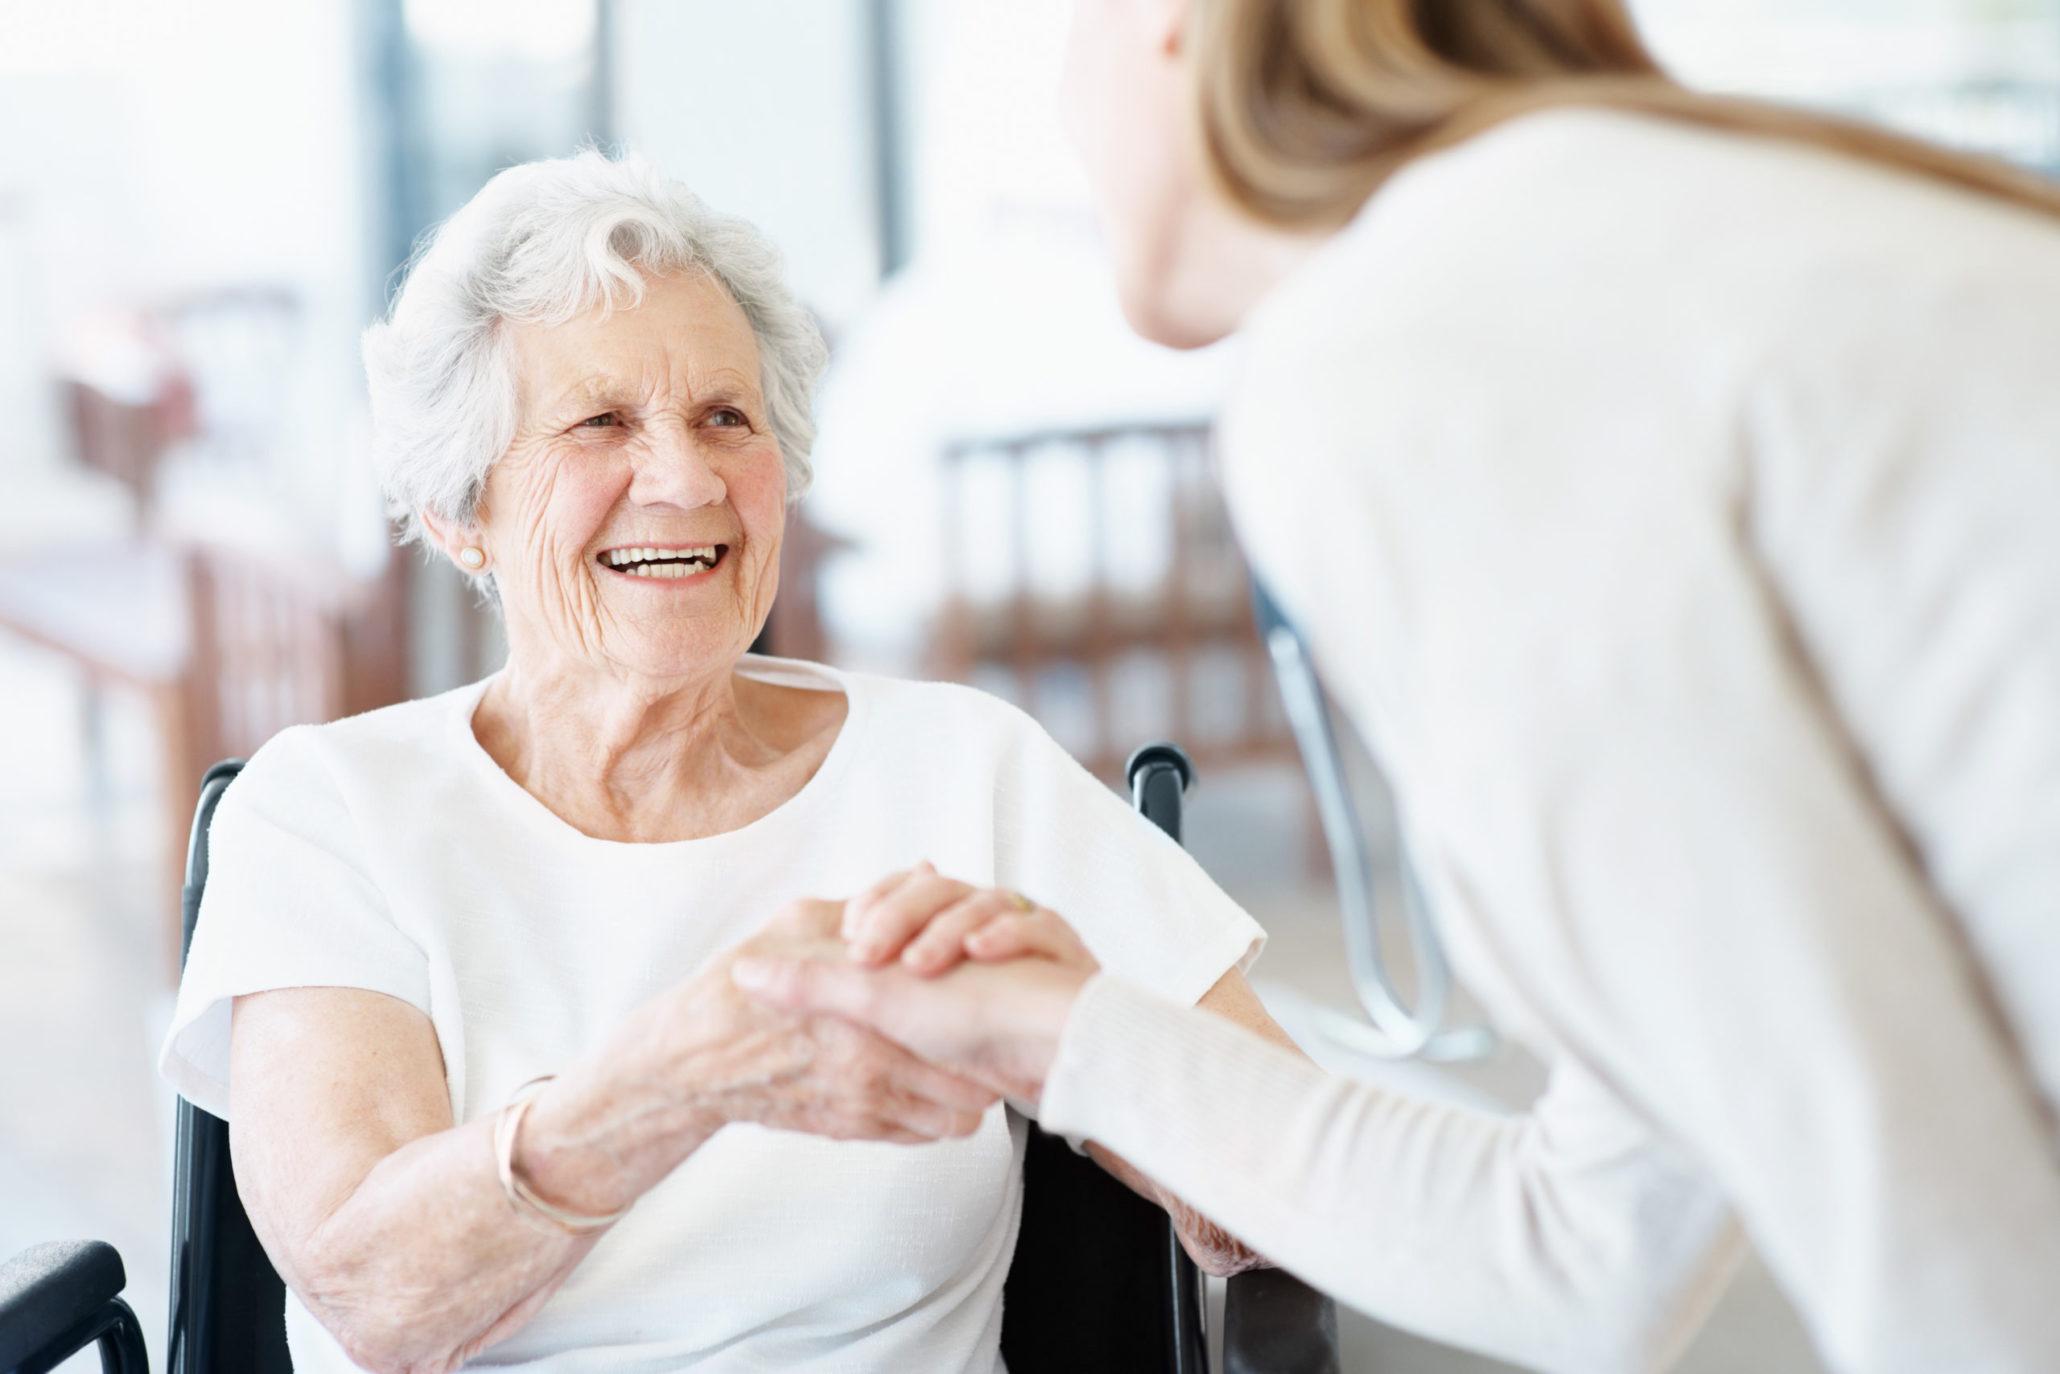 Nuori nainen hymyilee pyörätuolissa istuvalle ikäihmiselle